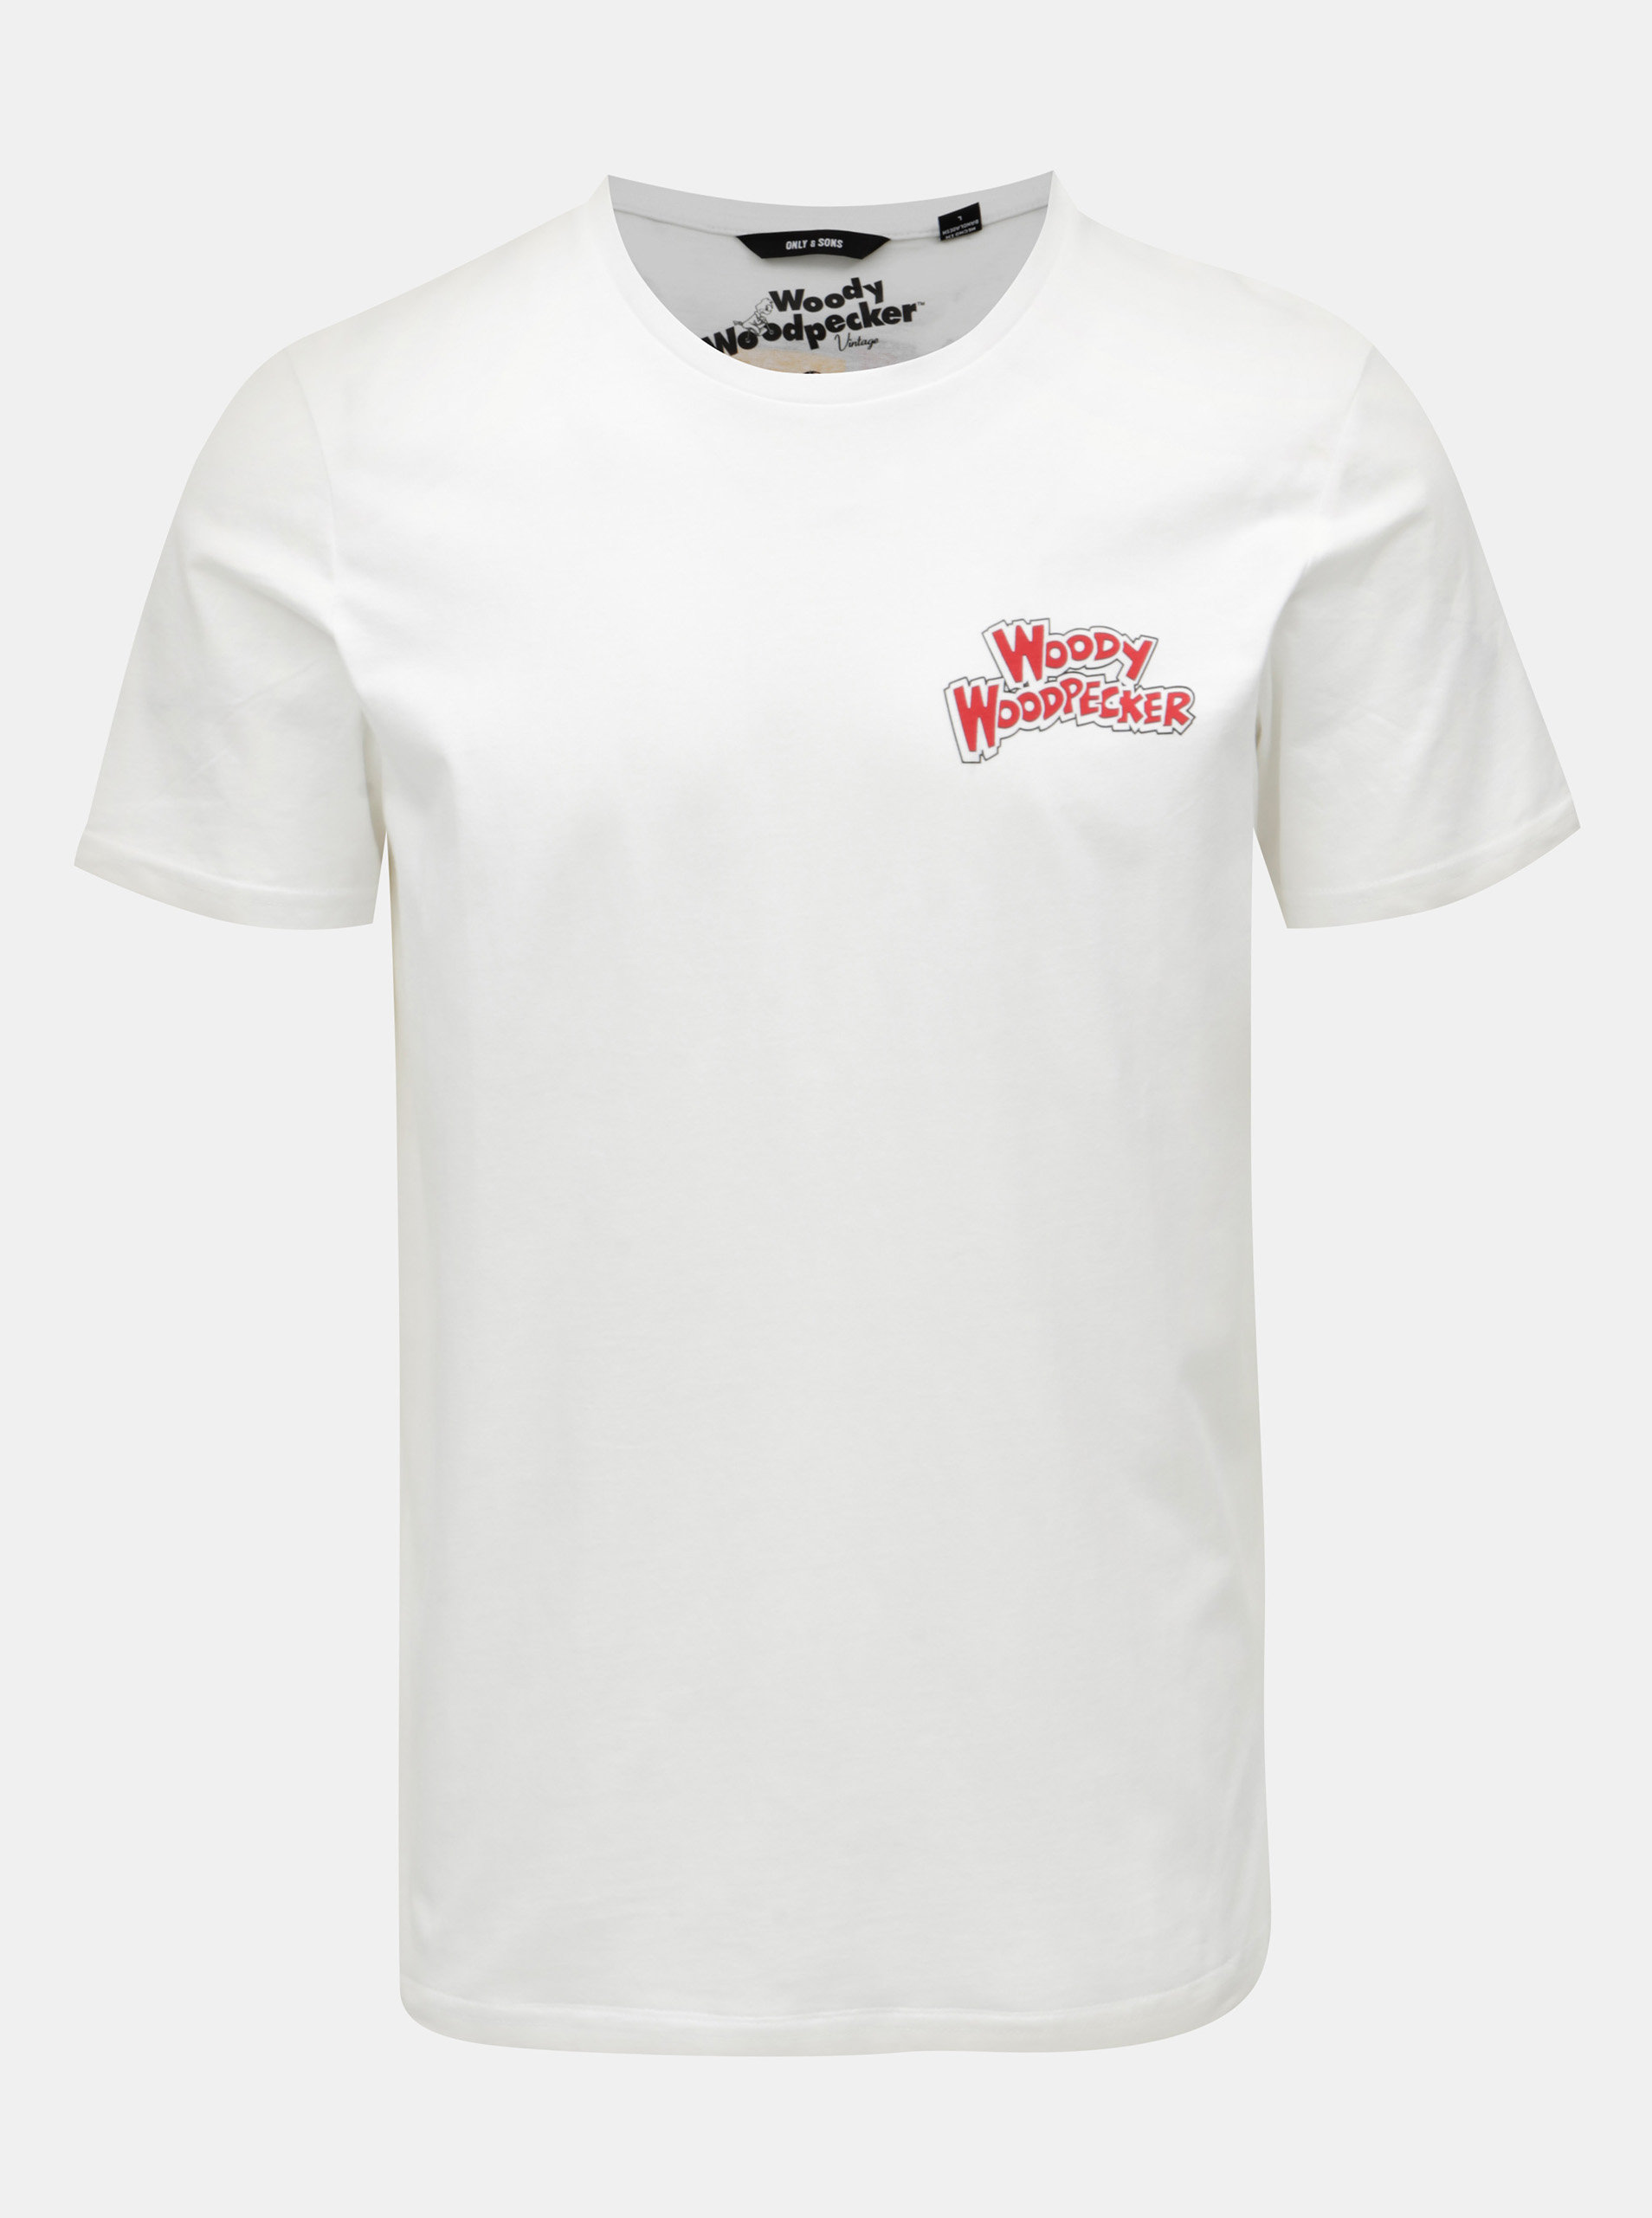 ce016124c912a Biele tričko s potlačou na chrbte ONLY & SONS Woodpecker | ZOOT.sk